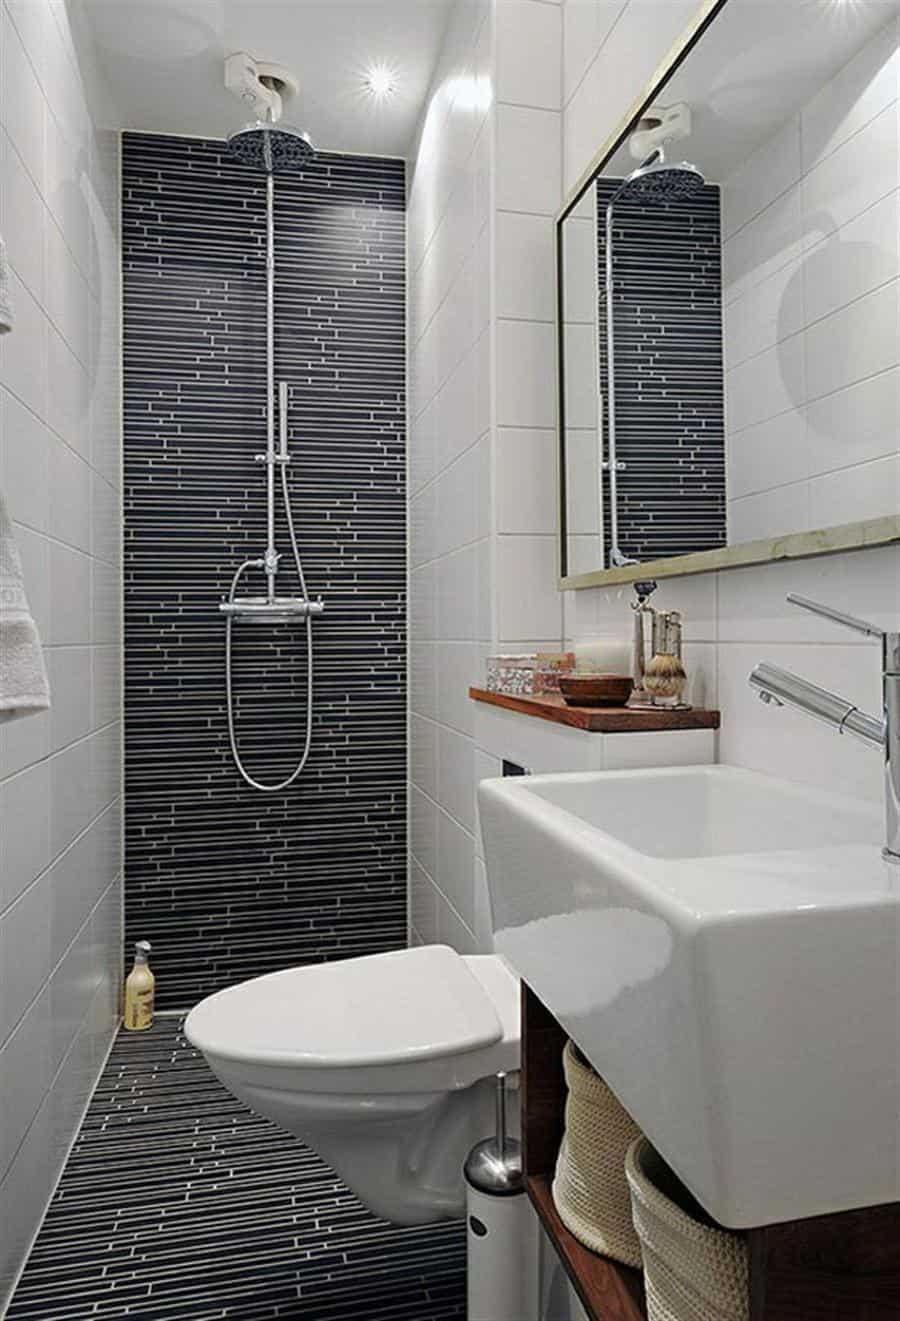 Thin shower tiles